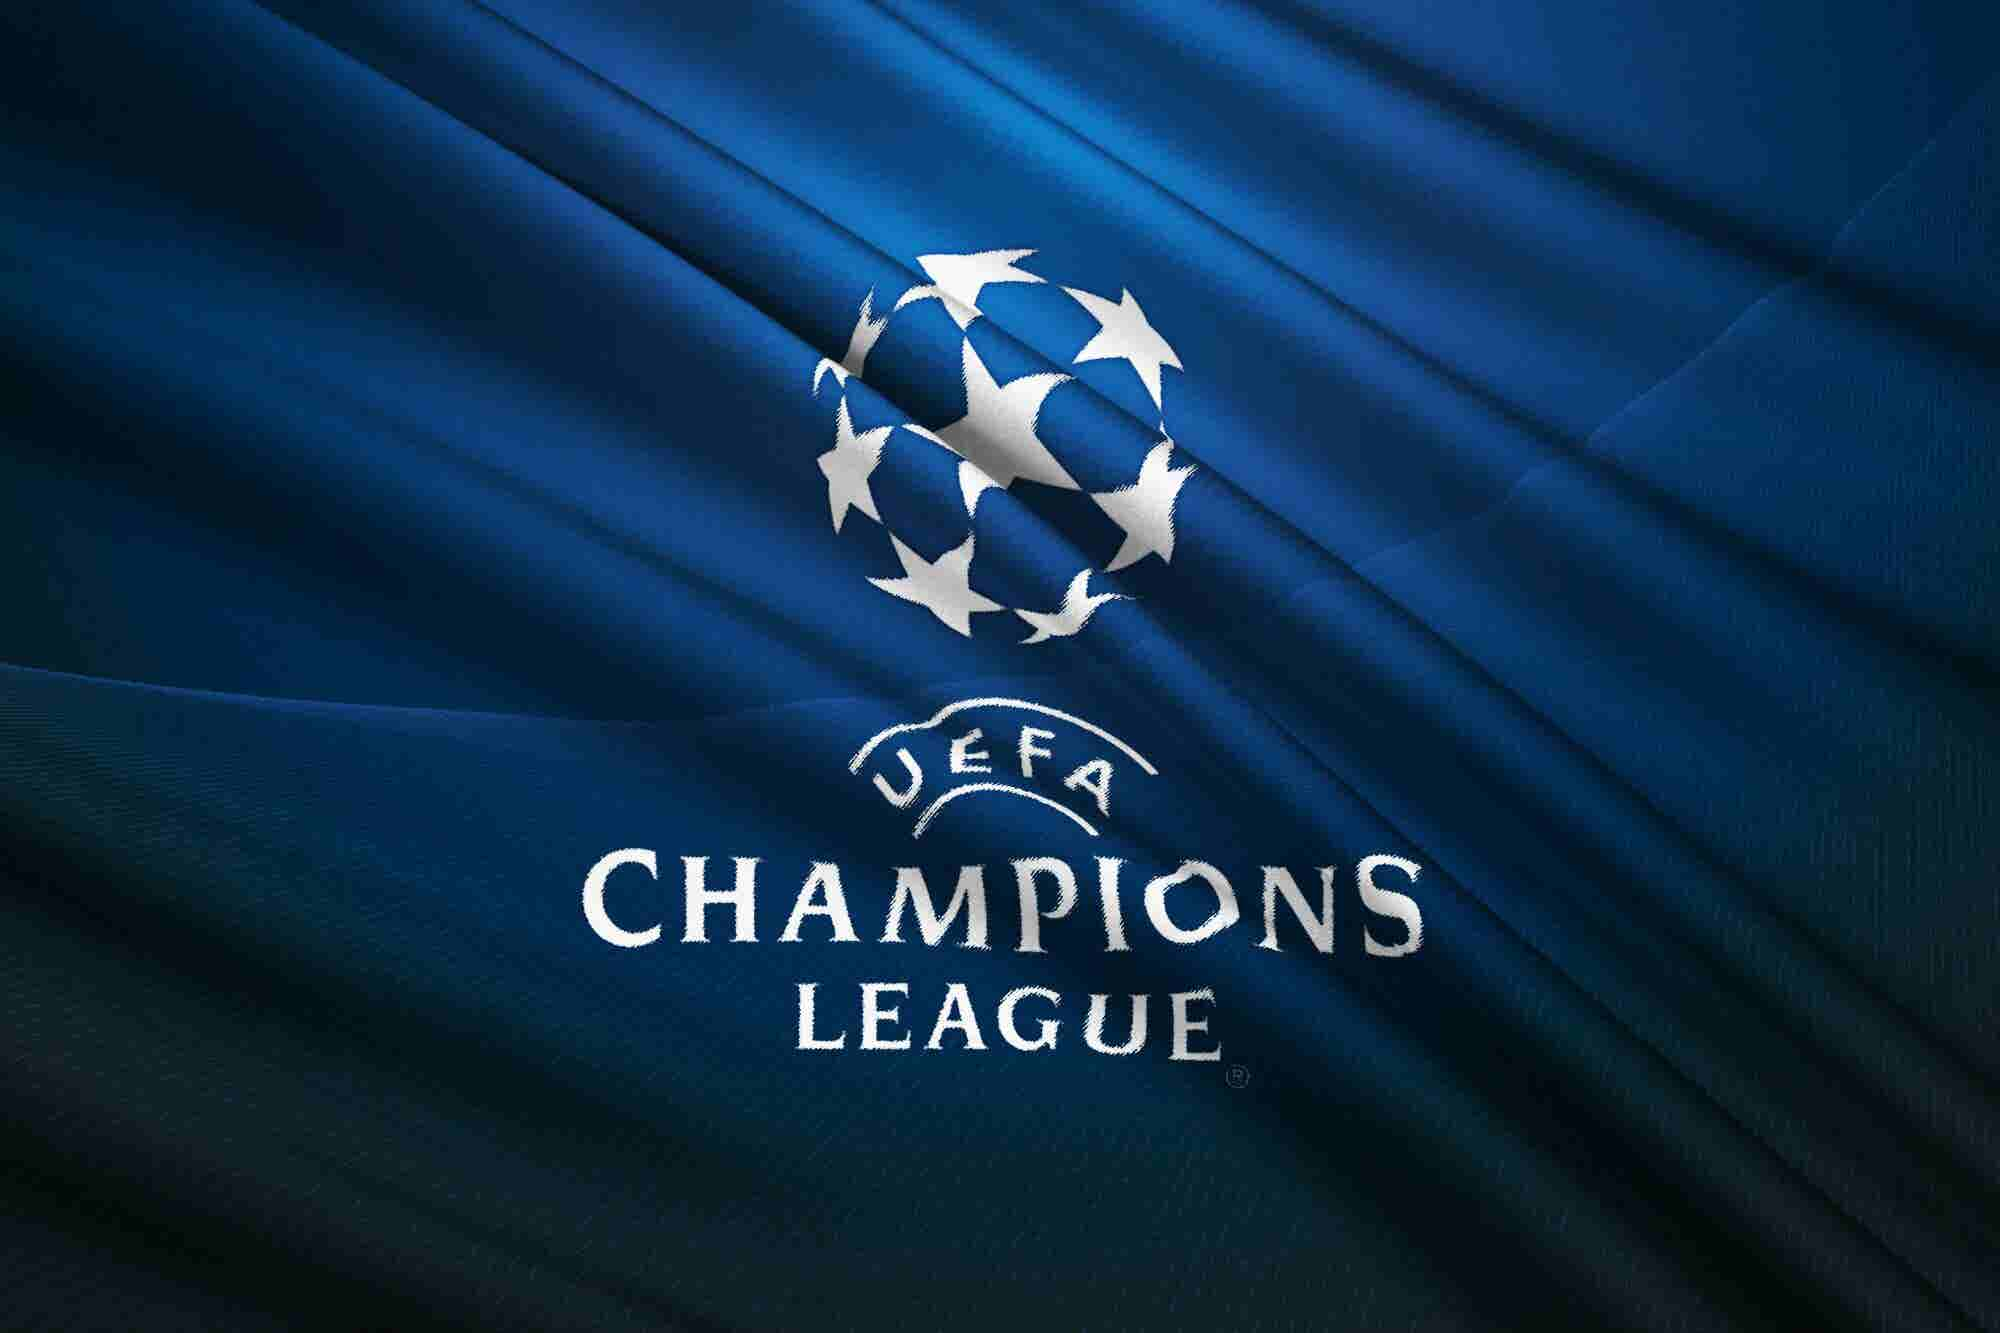 Facebook transmitirá gratis los partidos de la Champions League